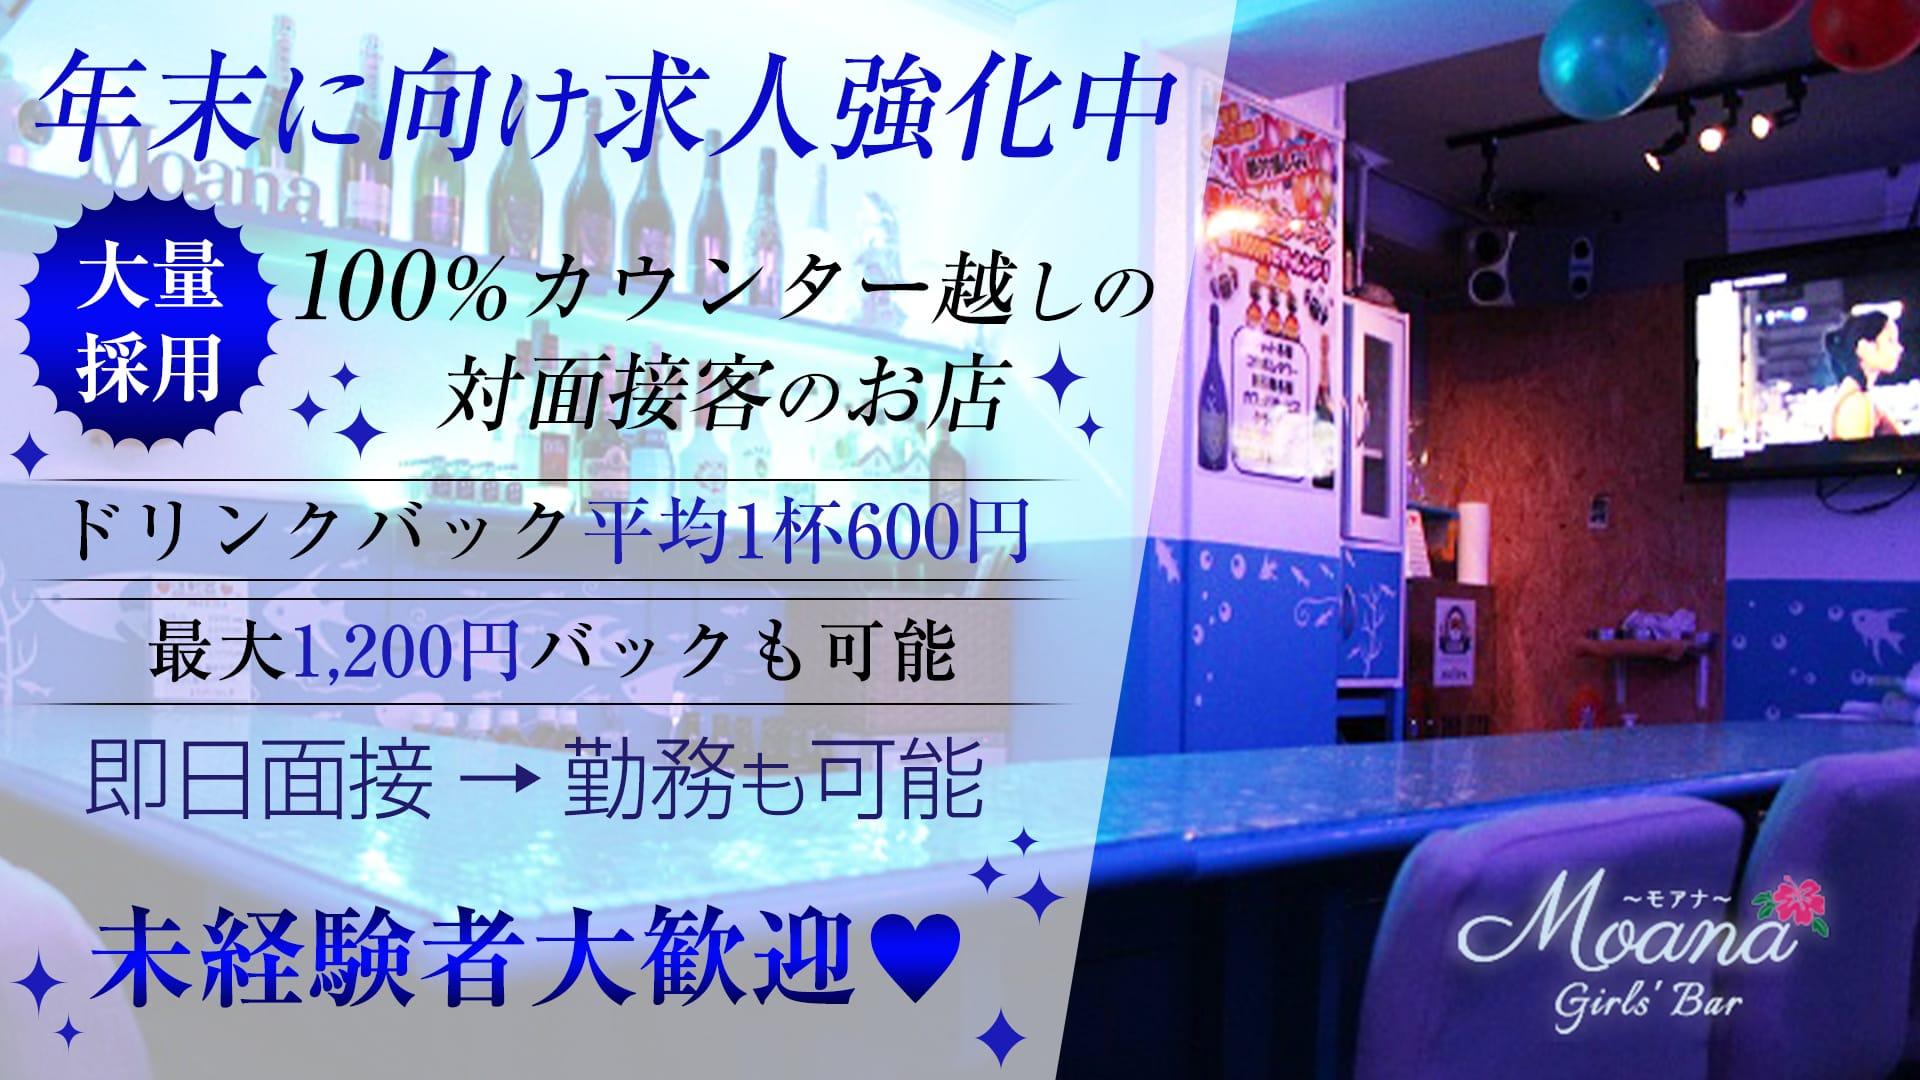 ガールズバーMoana(モアナ) 横浜ガールズバー TOP画像